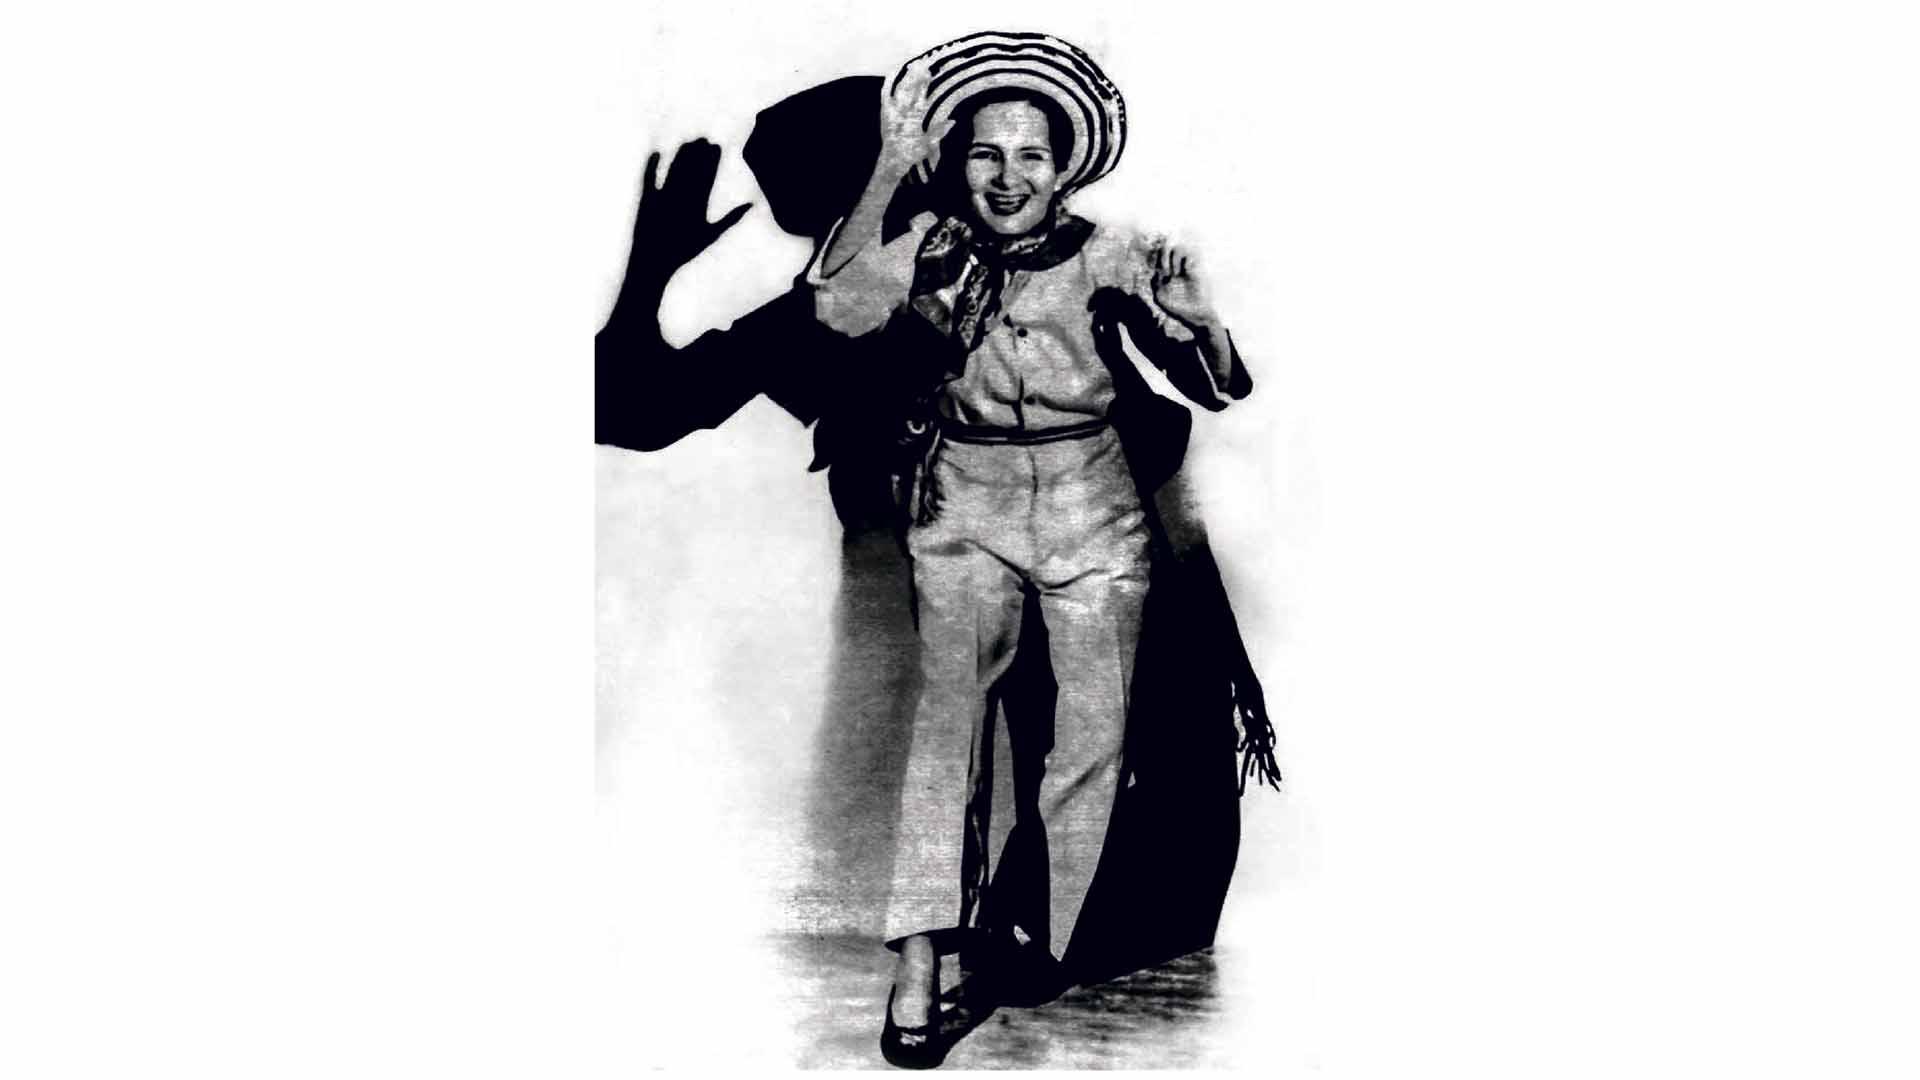 Esther Forero viste un traje de cumbiambero en 1945.